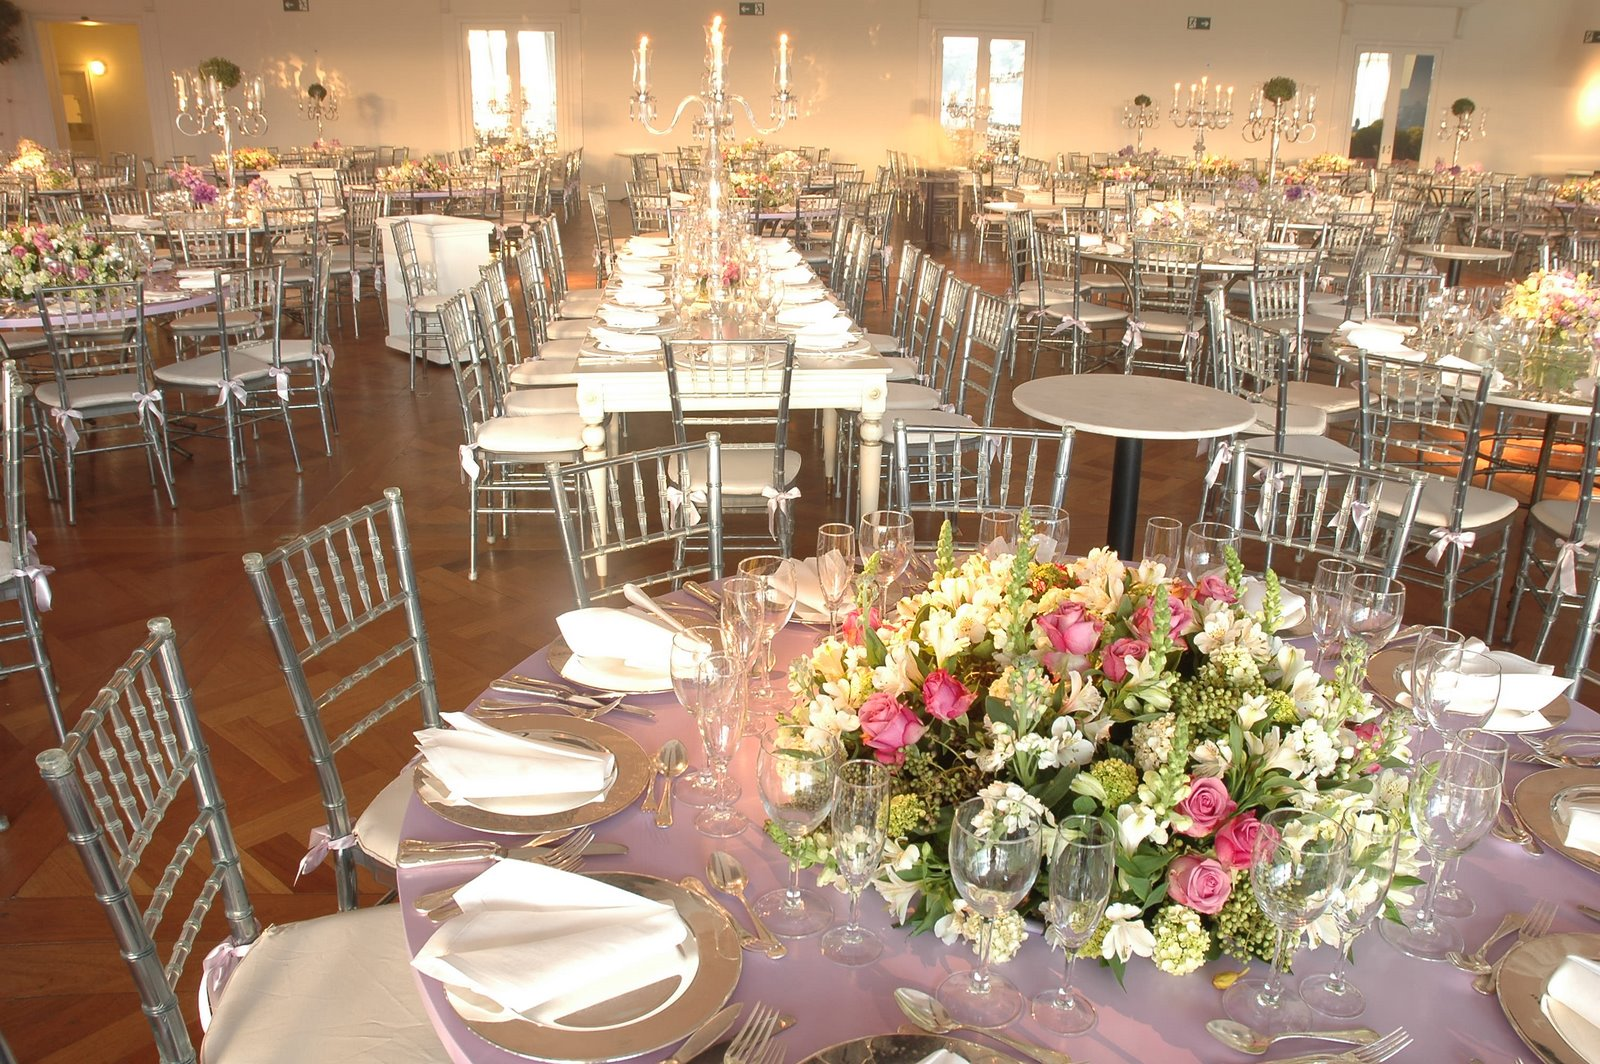 decoracao e casamento:Decoracao De Festa De Casamento